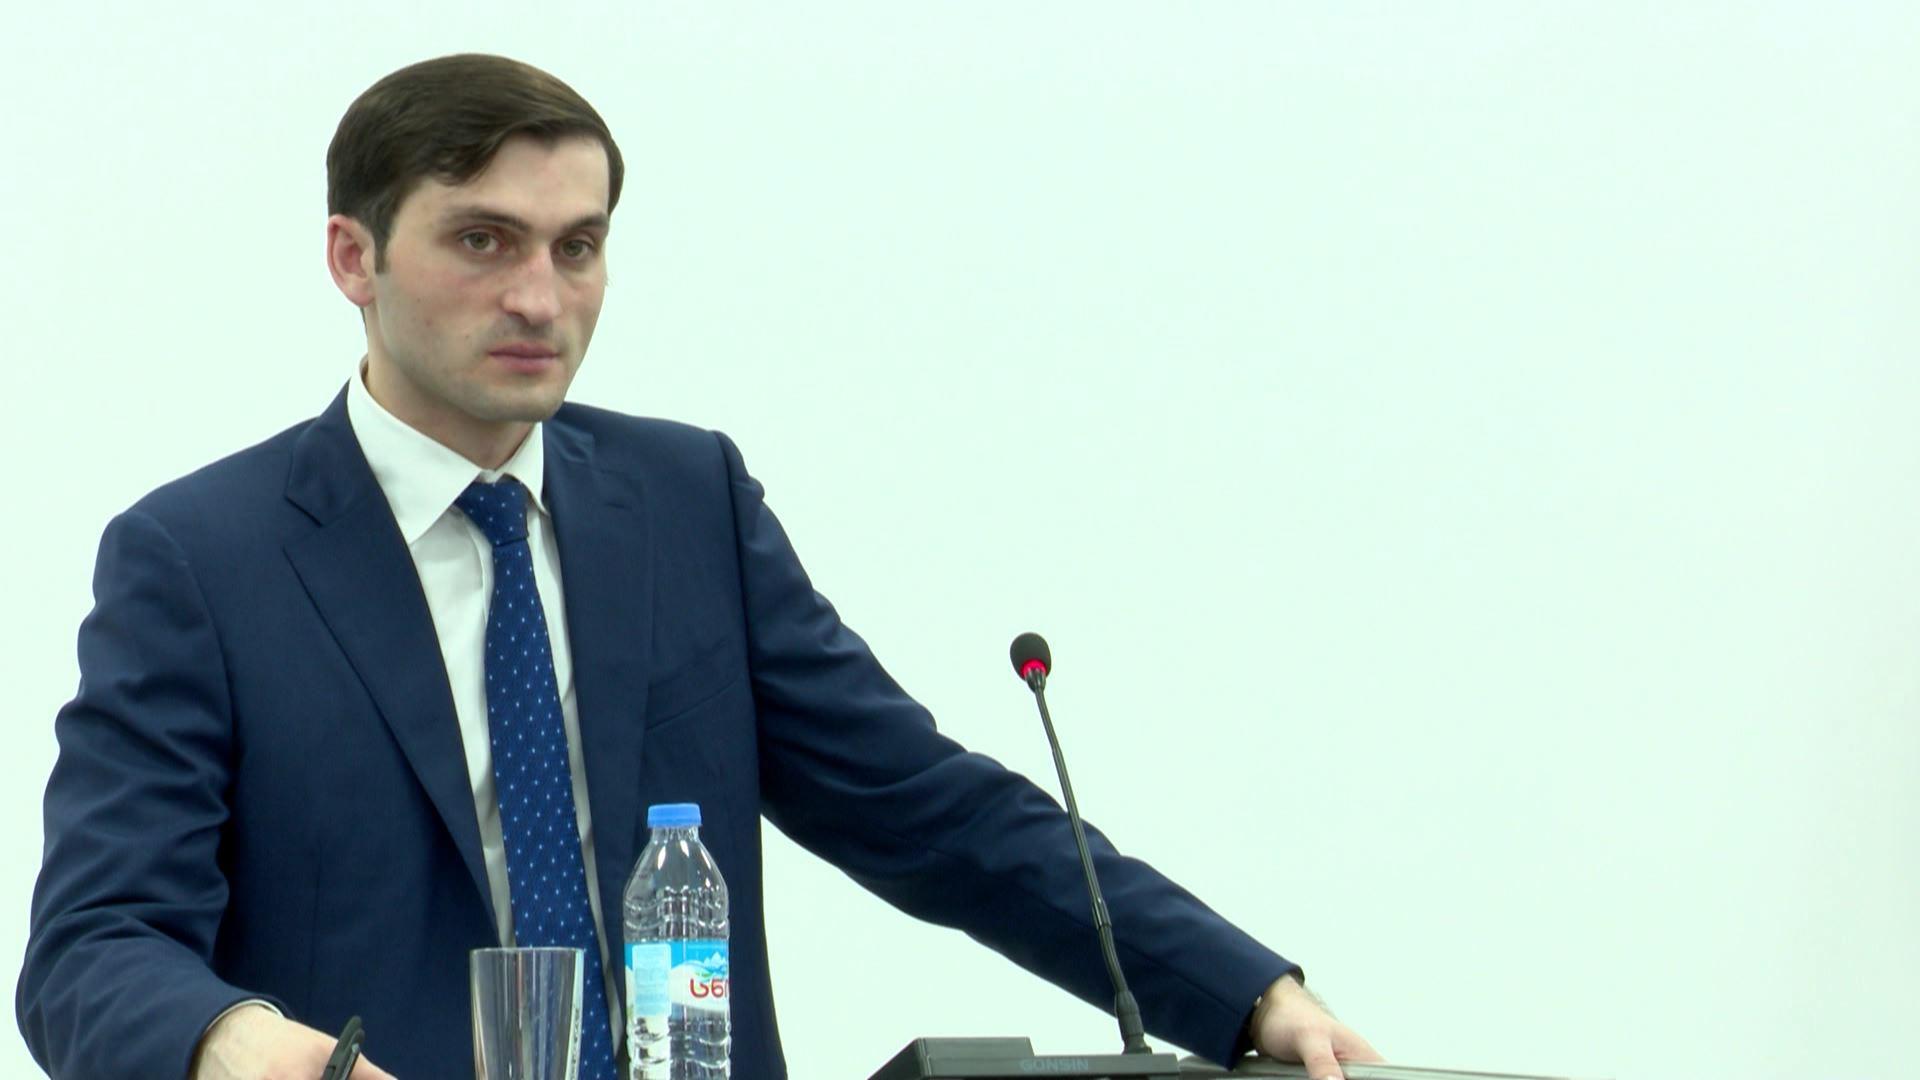 ''მეჩეთი უნდა აშენდეს ქართული ფულით და ამაზე არ დავზოგავთ შესაძლებლობებს'' - თორნიკე რიჟვაძე